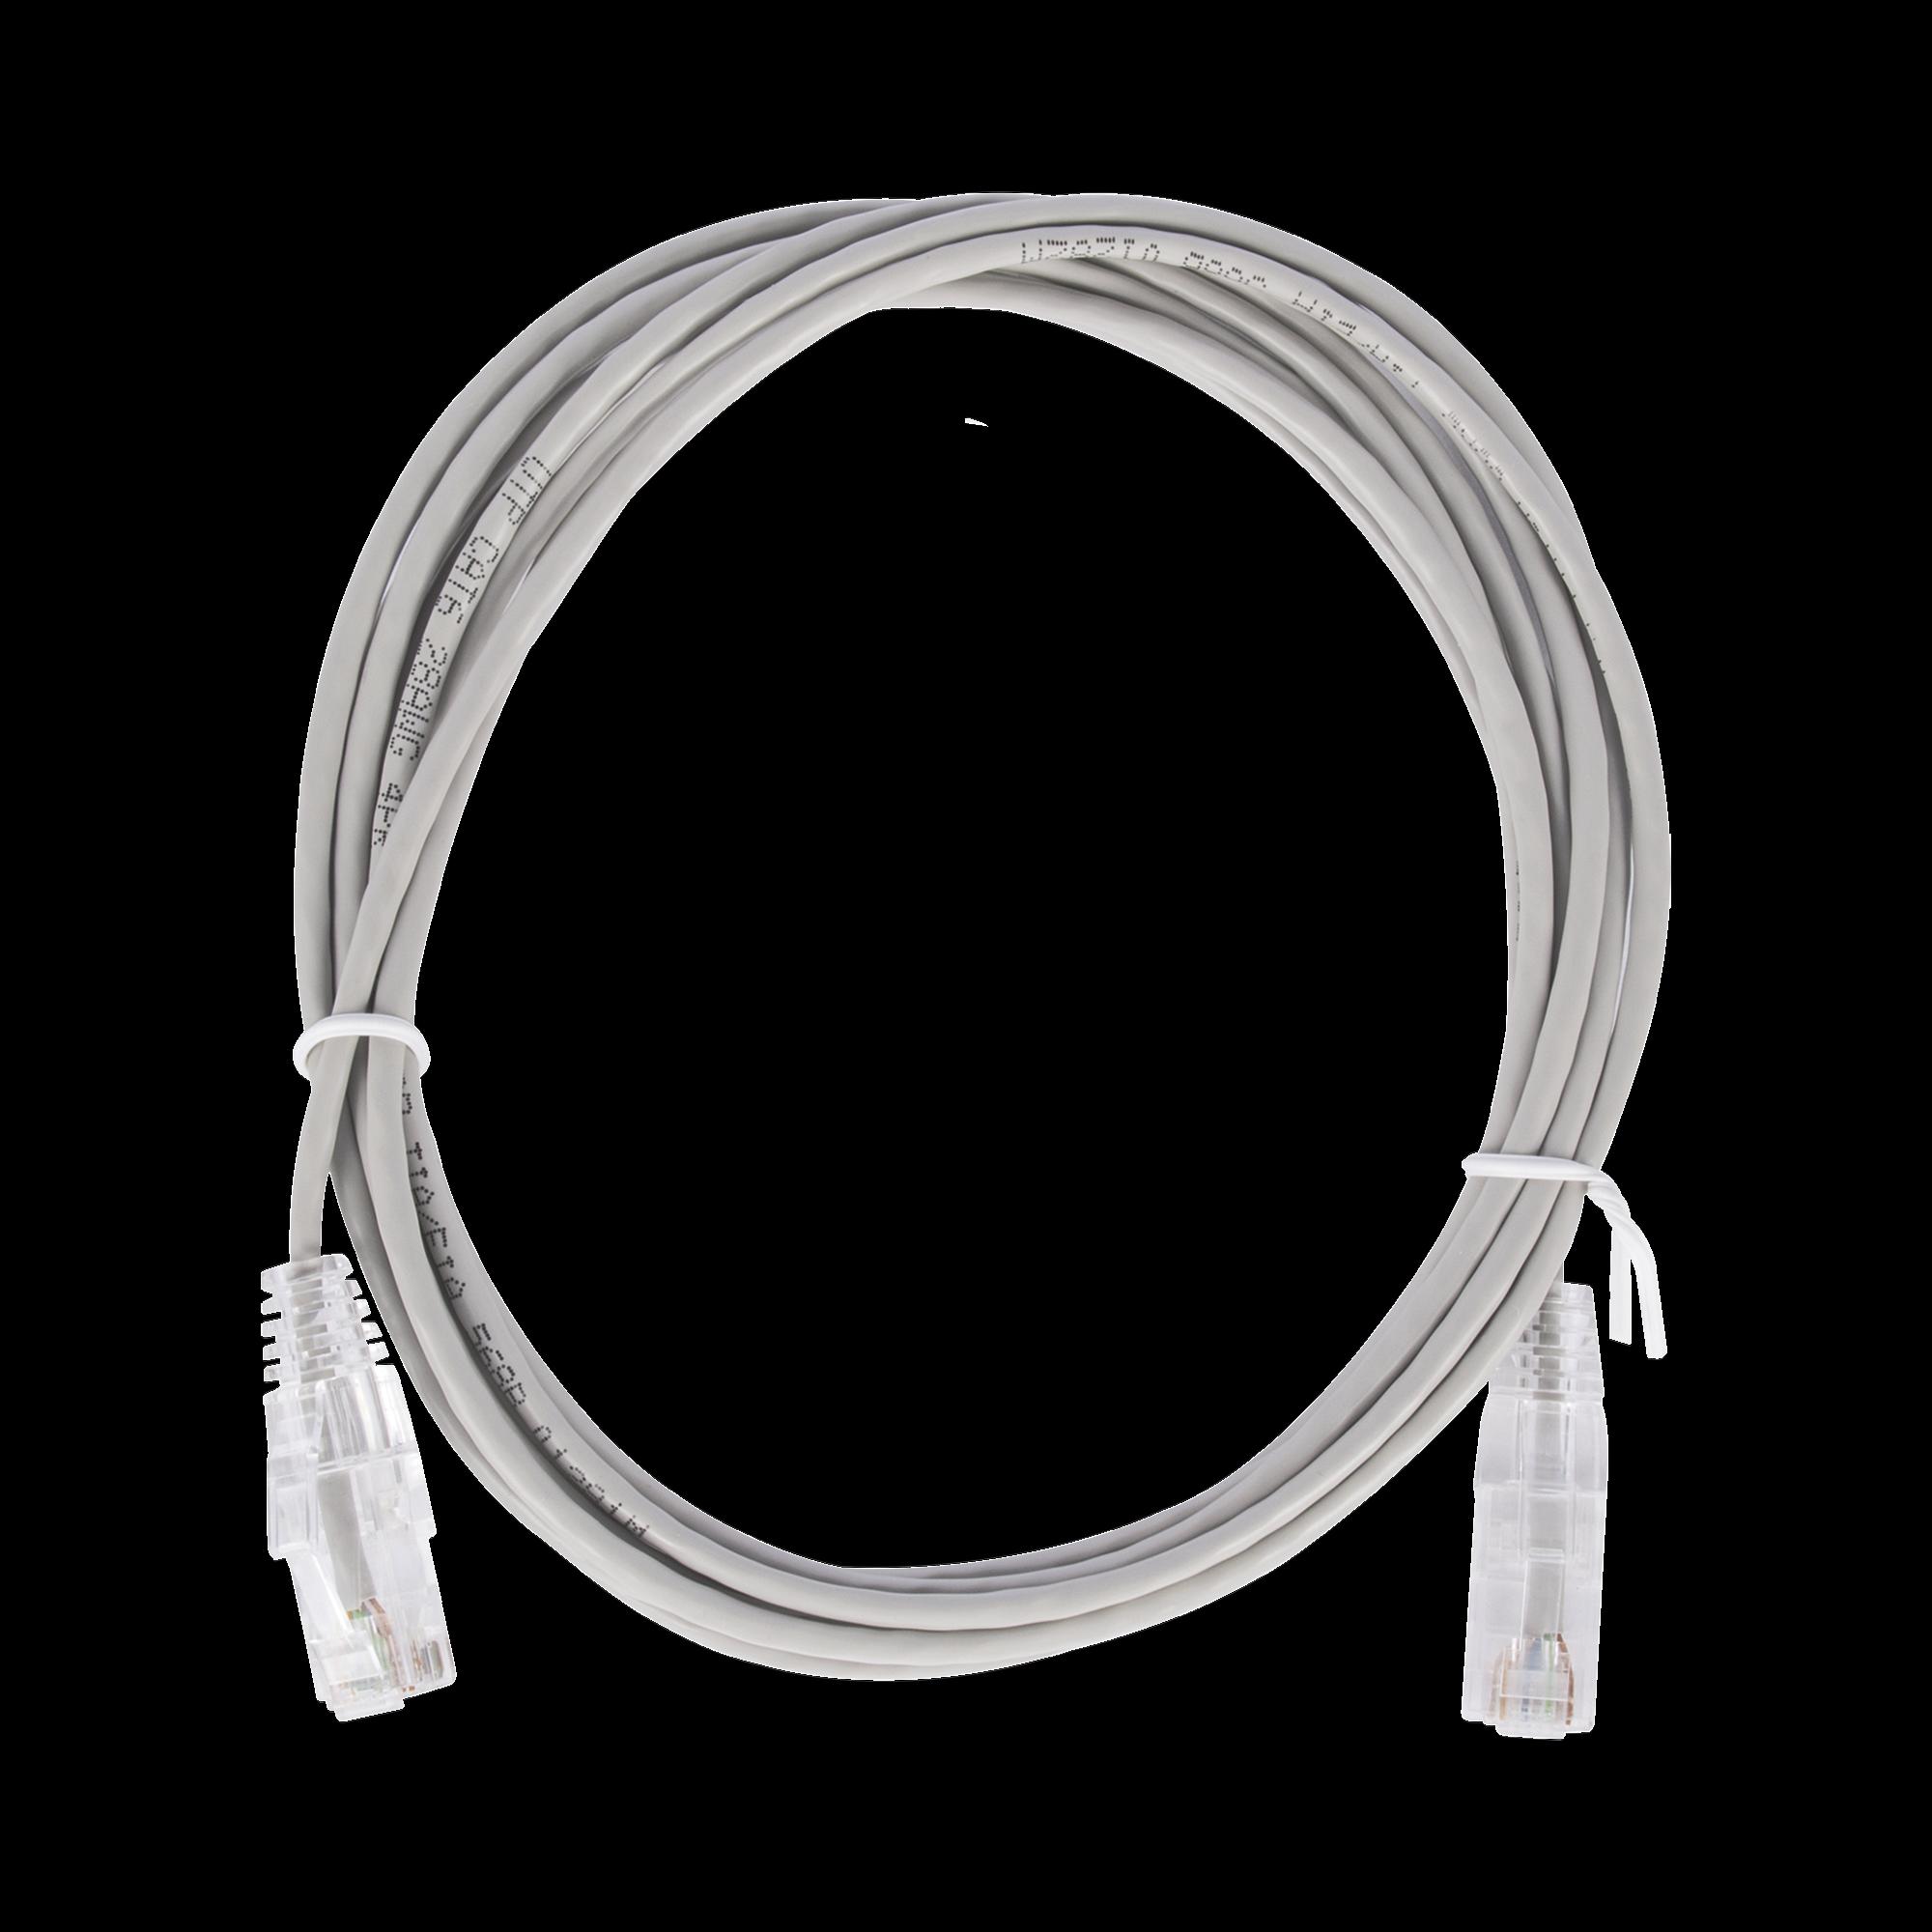 Cable de Parcheo Slim UTP Cat6 - 2 m Gris Diámetro Reducido (28 AWG)